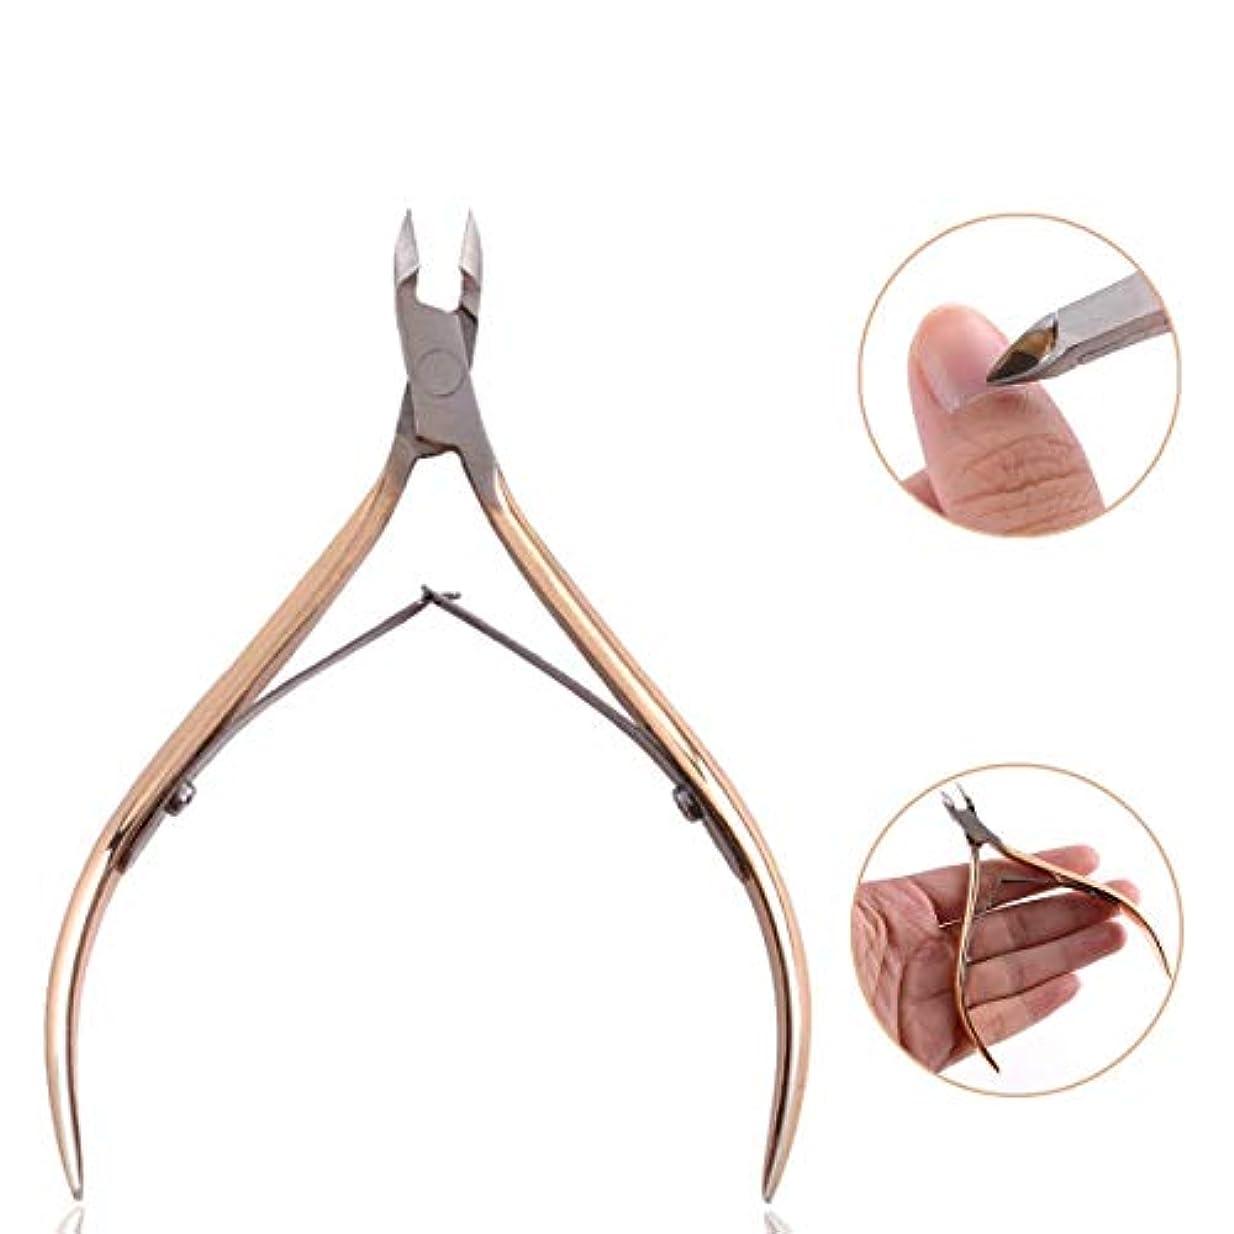 目の前のマウントエンゲージメントニッパー爪切り 爪切り 甘皮切り ステンレス製 切れ味抜群 厚い爪 変形爪 陥入爪 巻き爪に 水虫爪最適 高齢者 医療 介護 高品質 ギフト